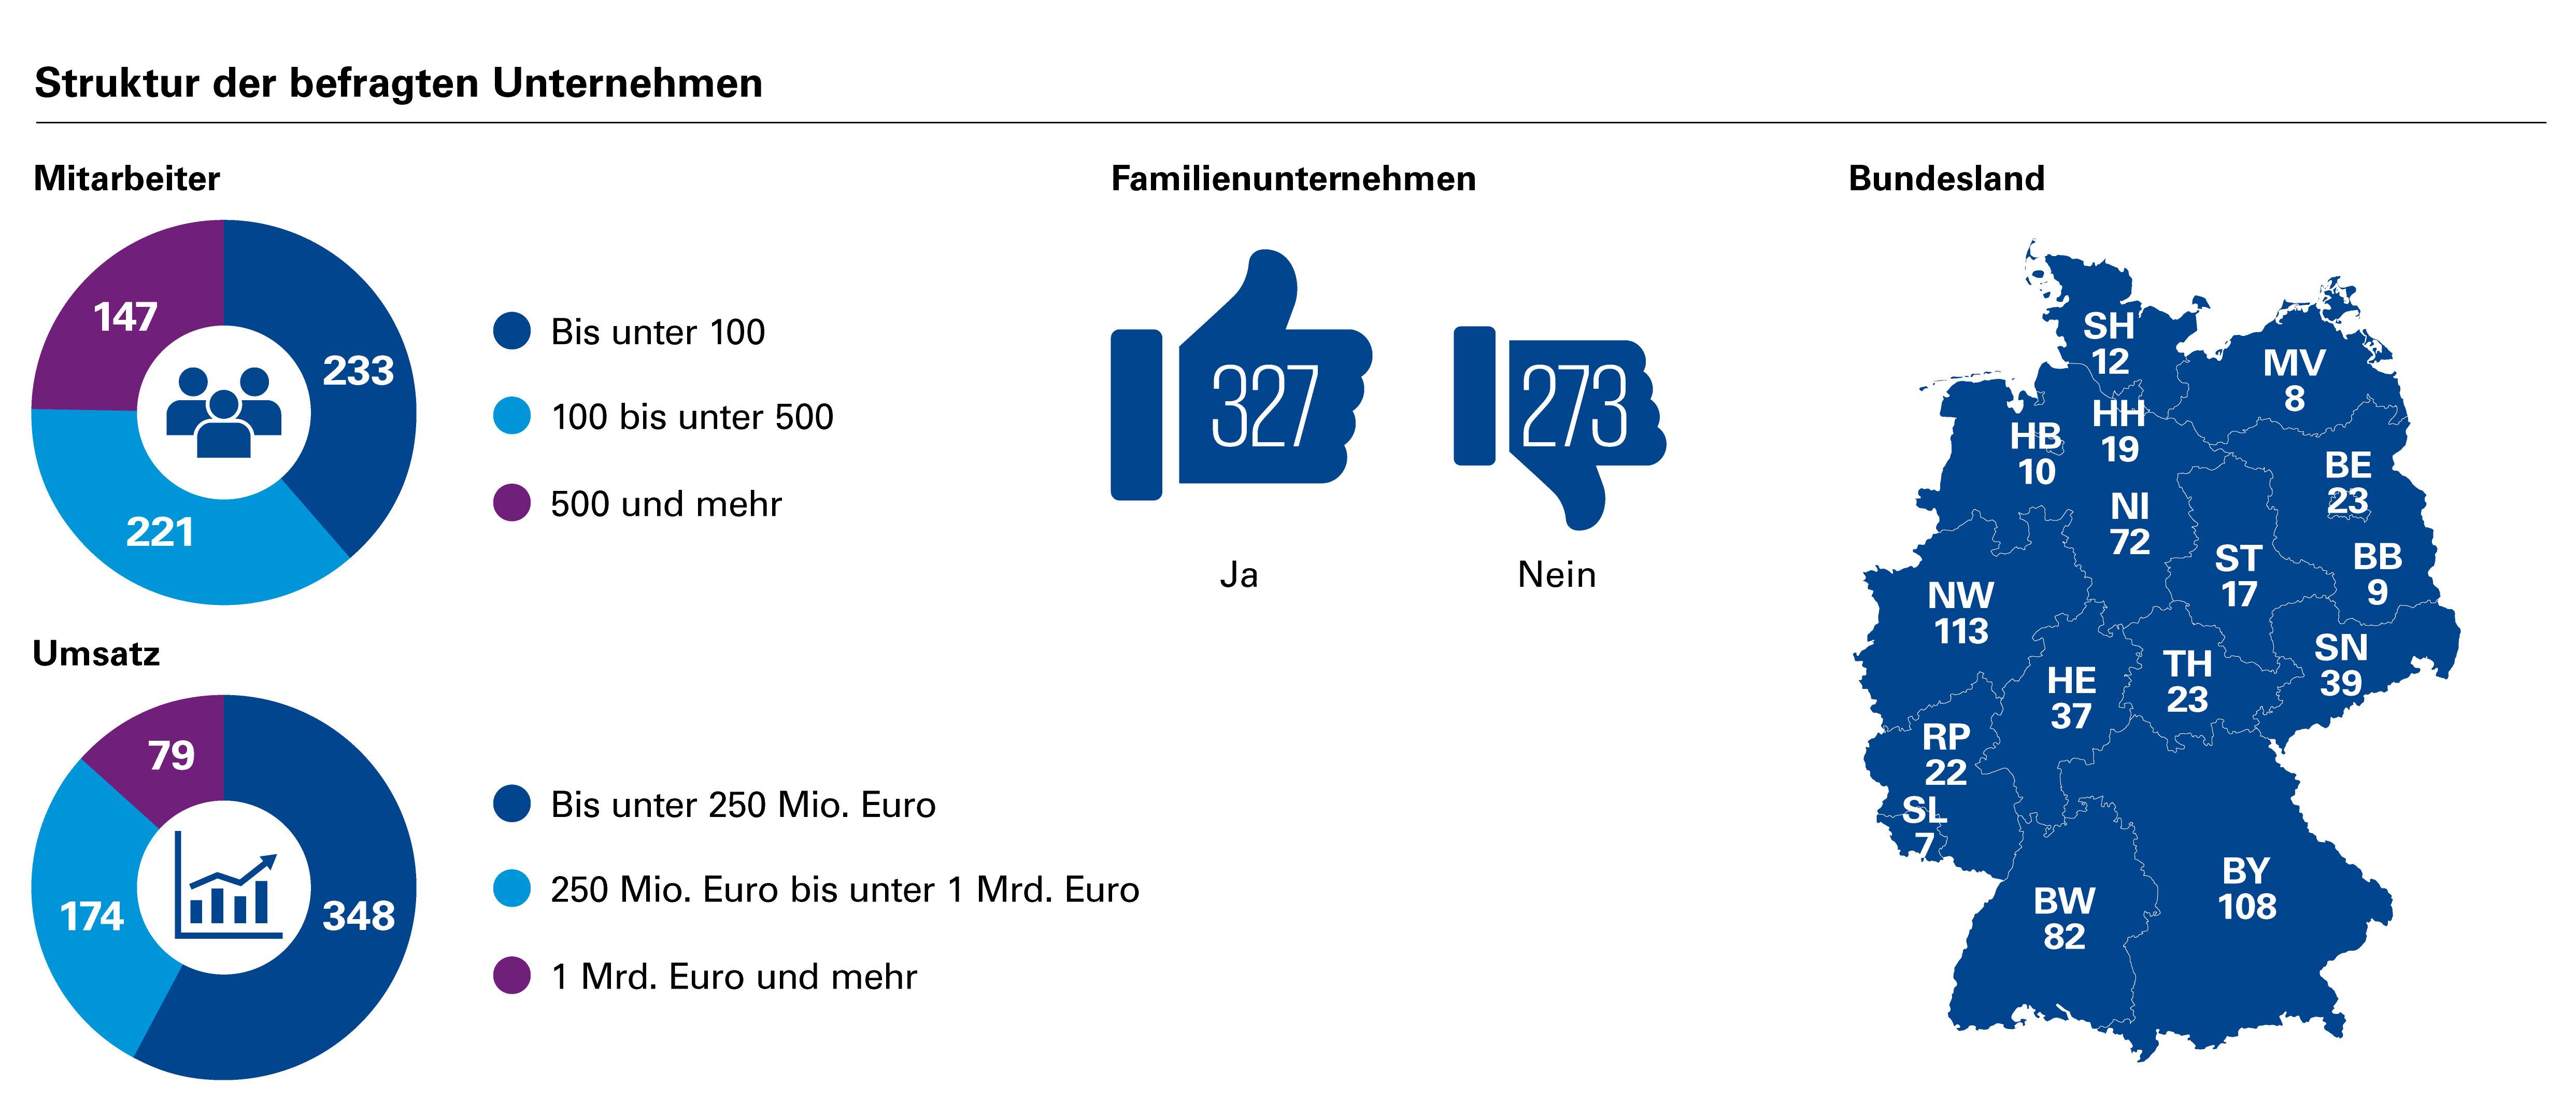 16759_KPMG_FRI-2019_Methodik-Struktur-der-befragten-Unternehmen